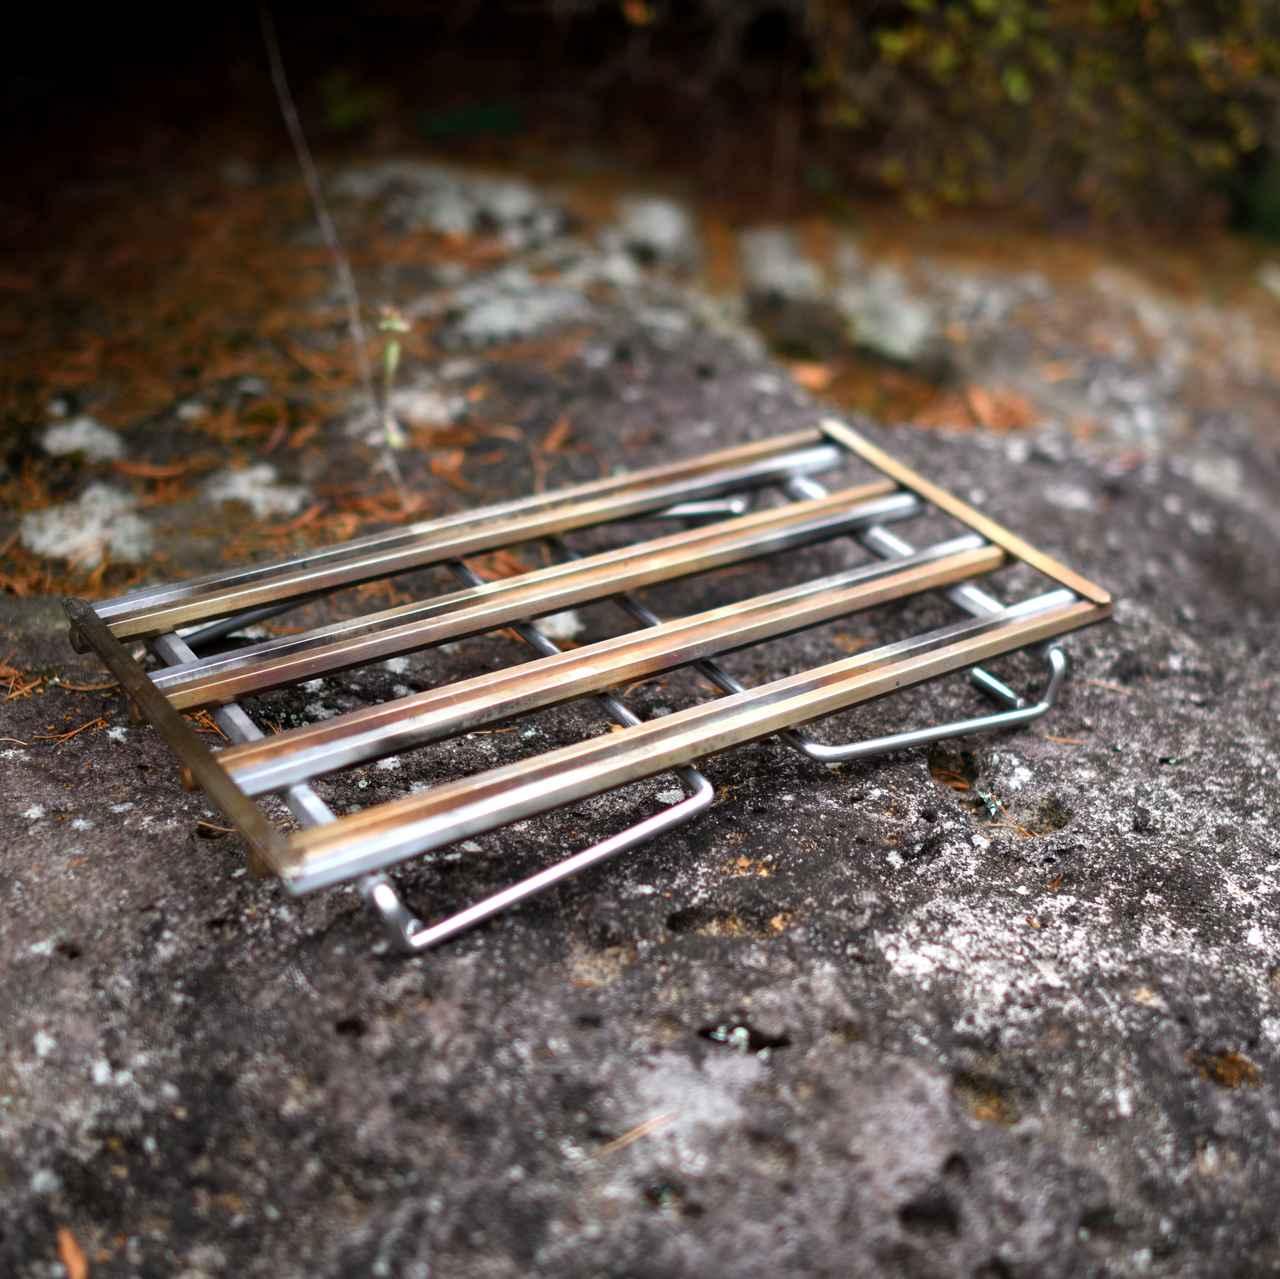 画像30: 【まとめ】焚き火台のおすすめ11選! ソロキャンプ・グループキャンプそれぞれに適したモデルをご紹介 ロゴス・キャプテンスタッグほか